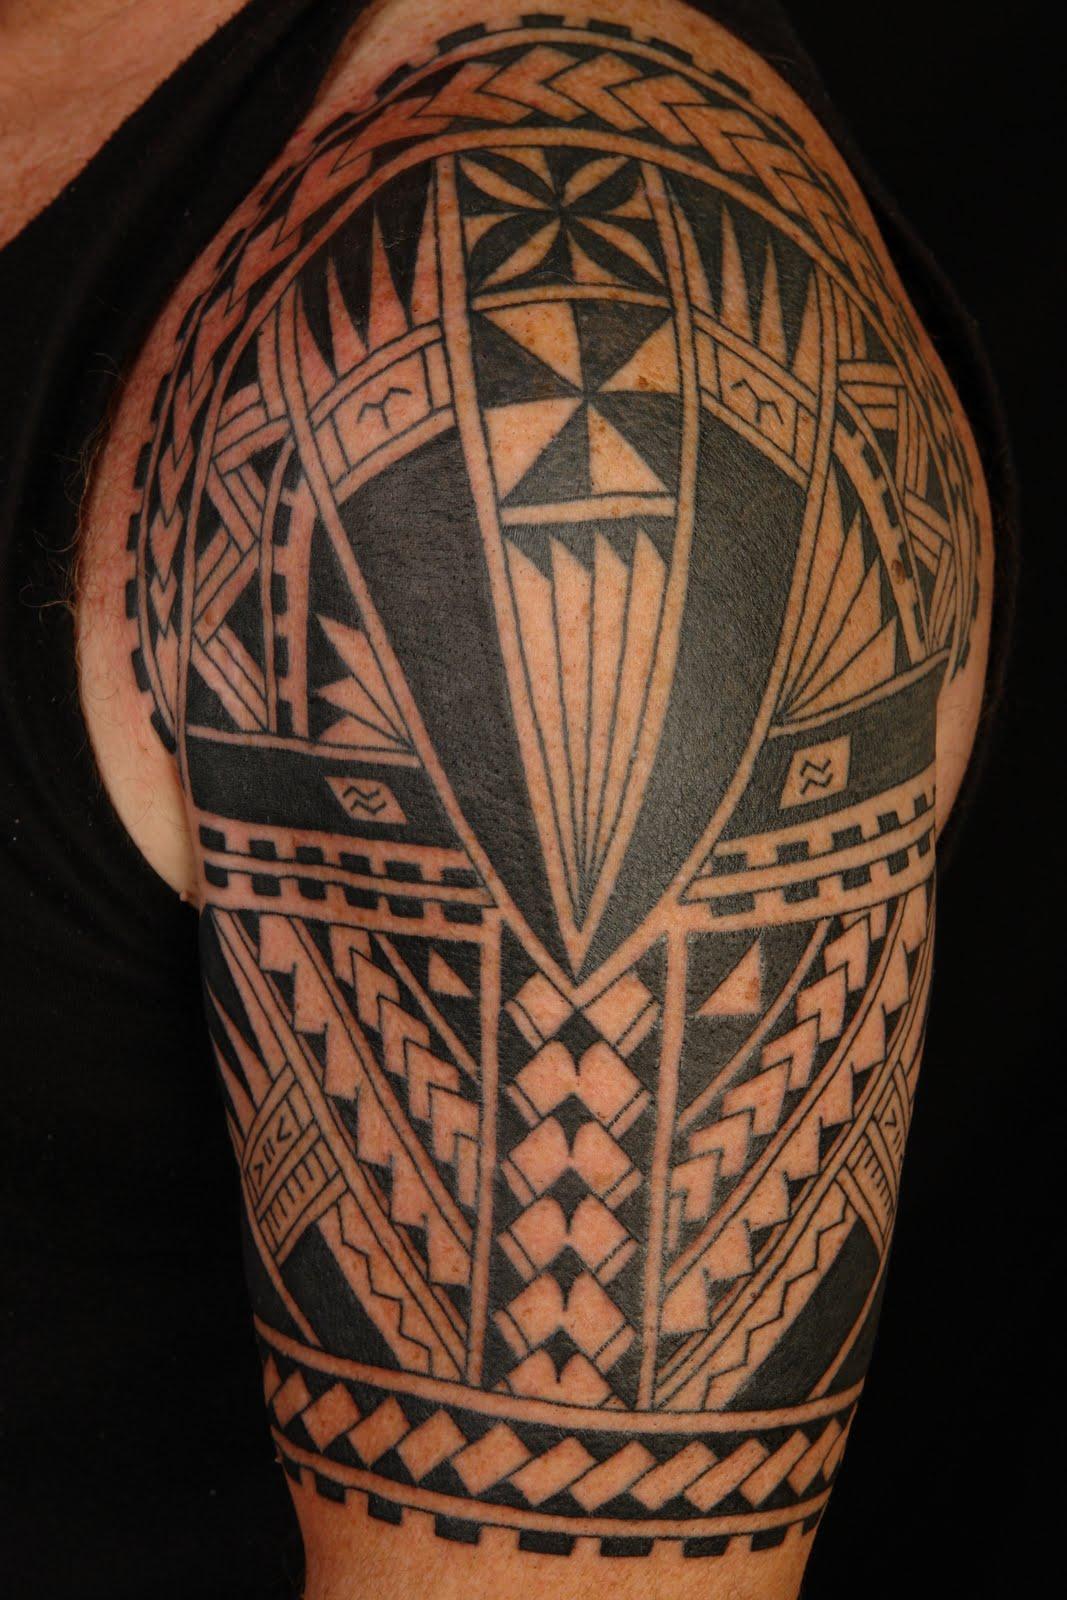 Symboles Tatouage Polynésien - Le sens des symboles de tatouage Polynésiens